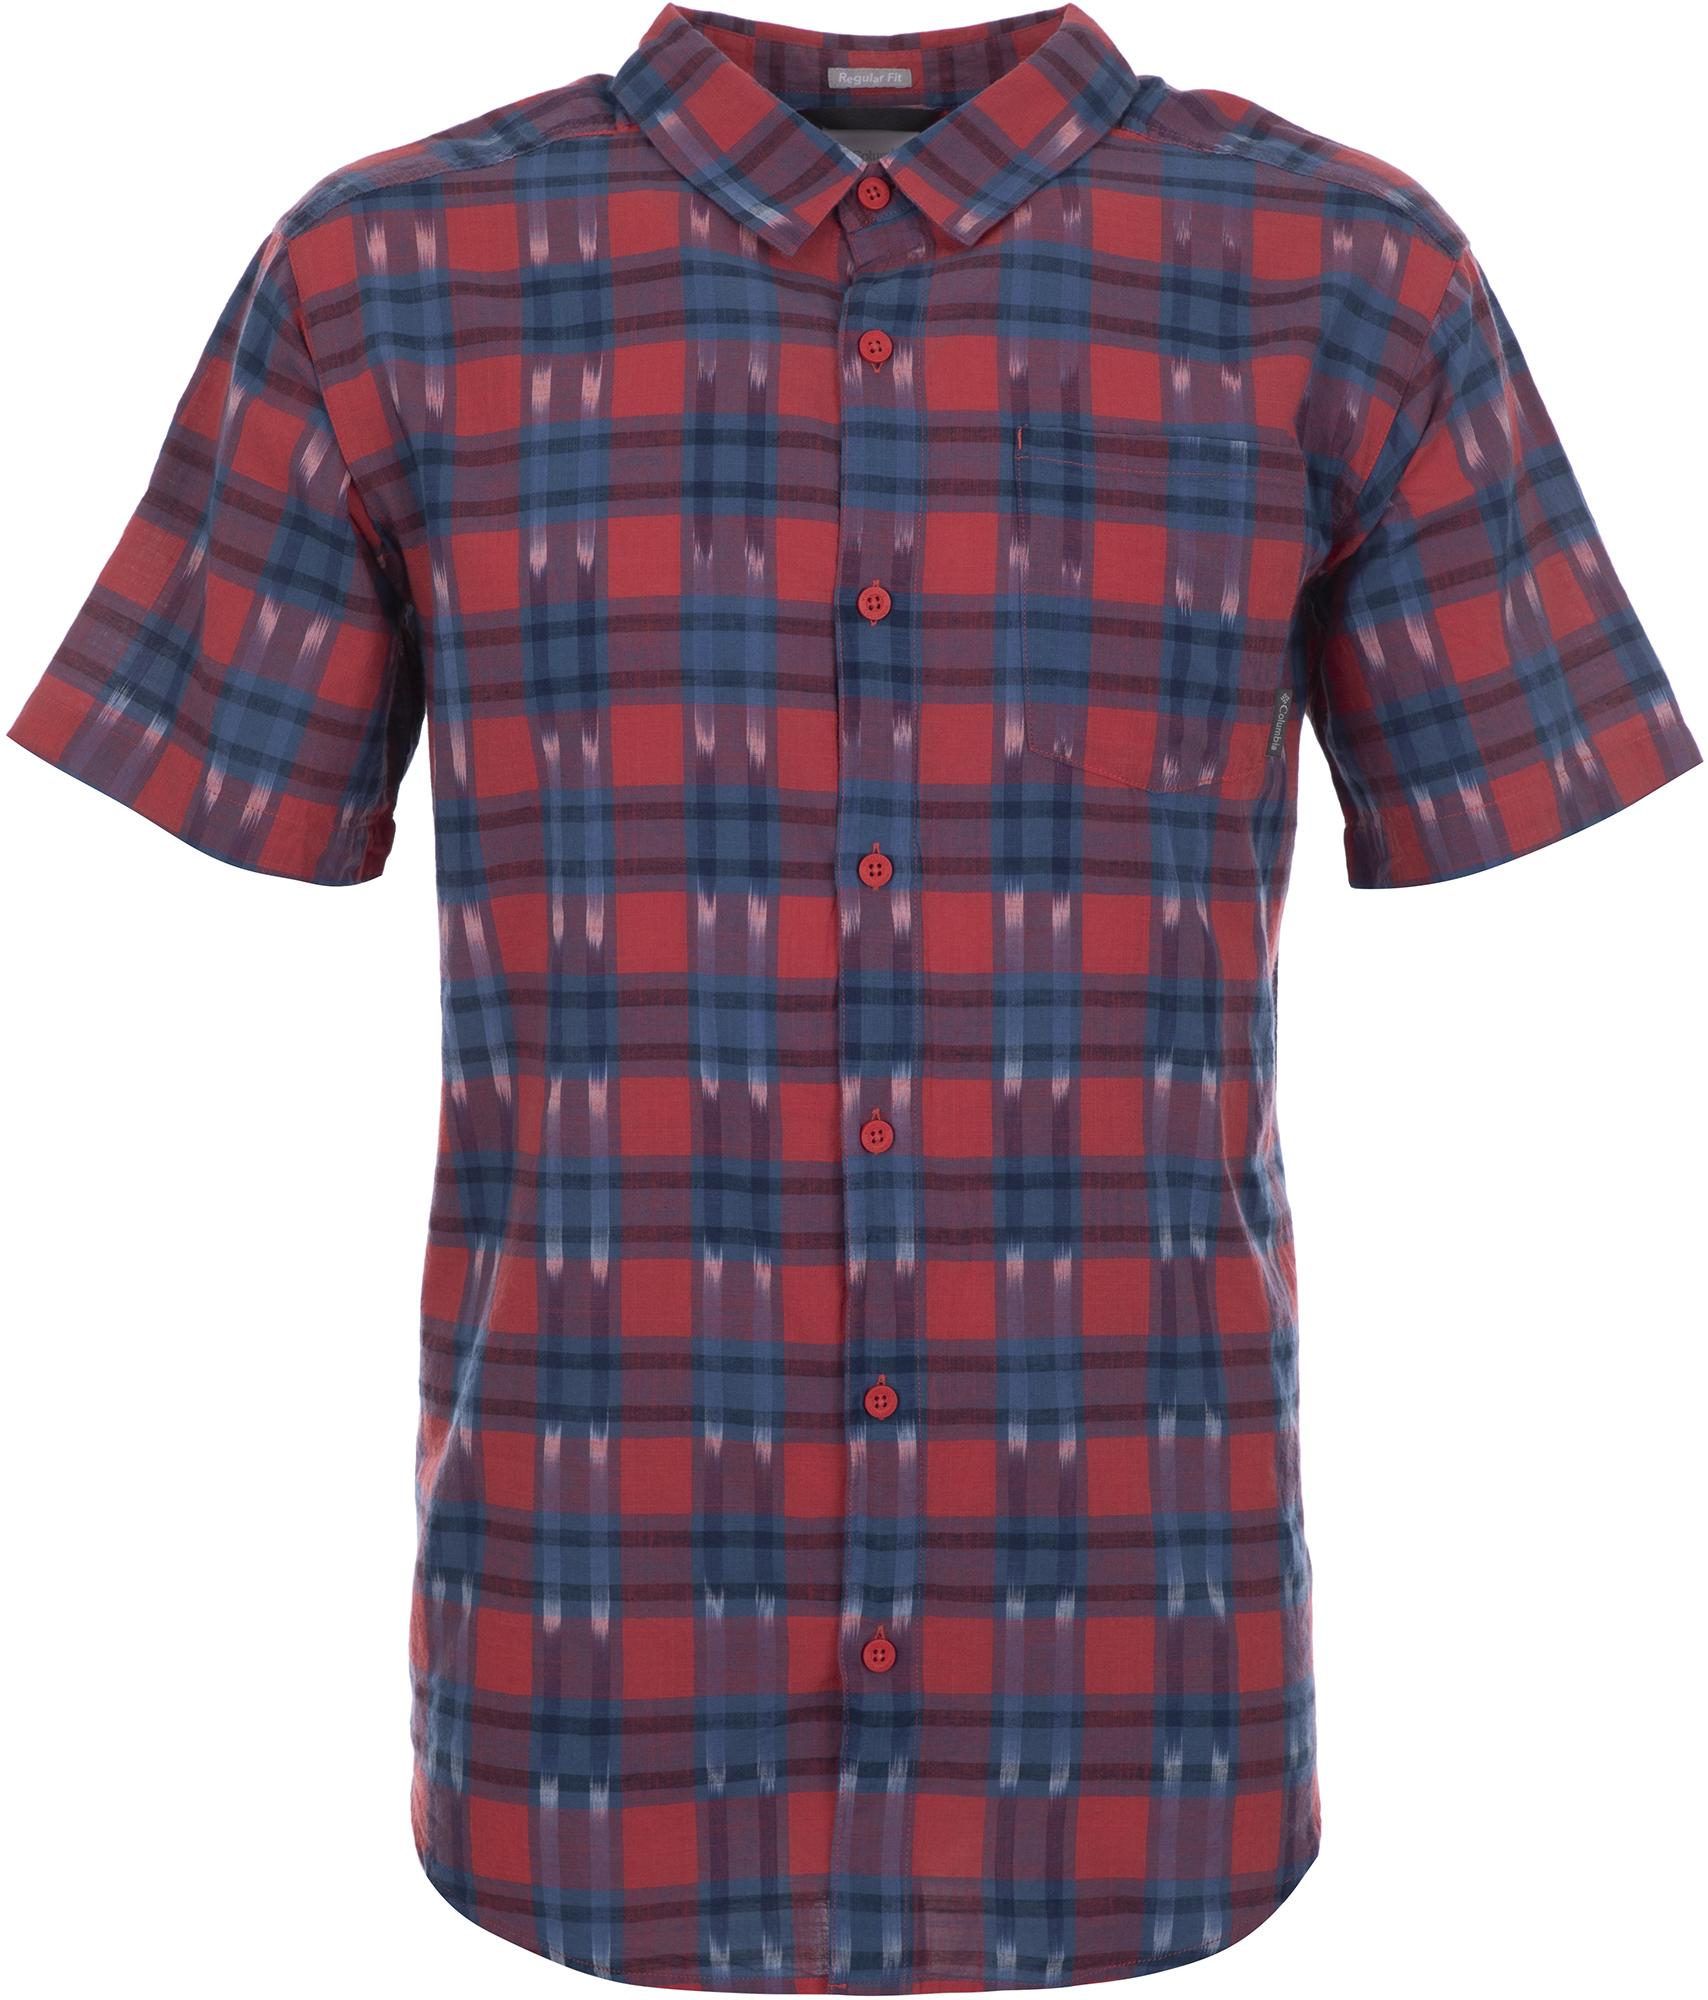 цена на Columbia Рубашка мужская Columbia Under Exposure YD, размер 56-58